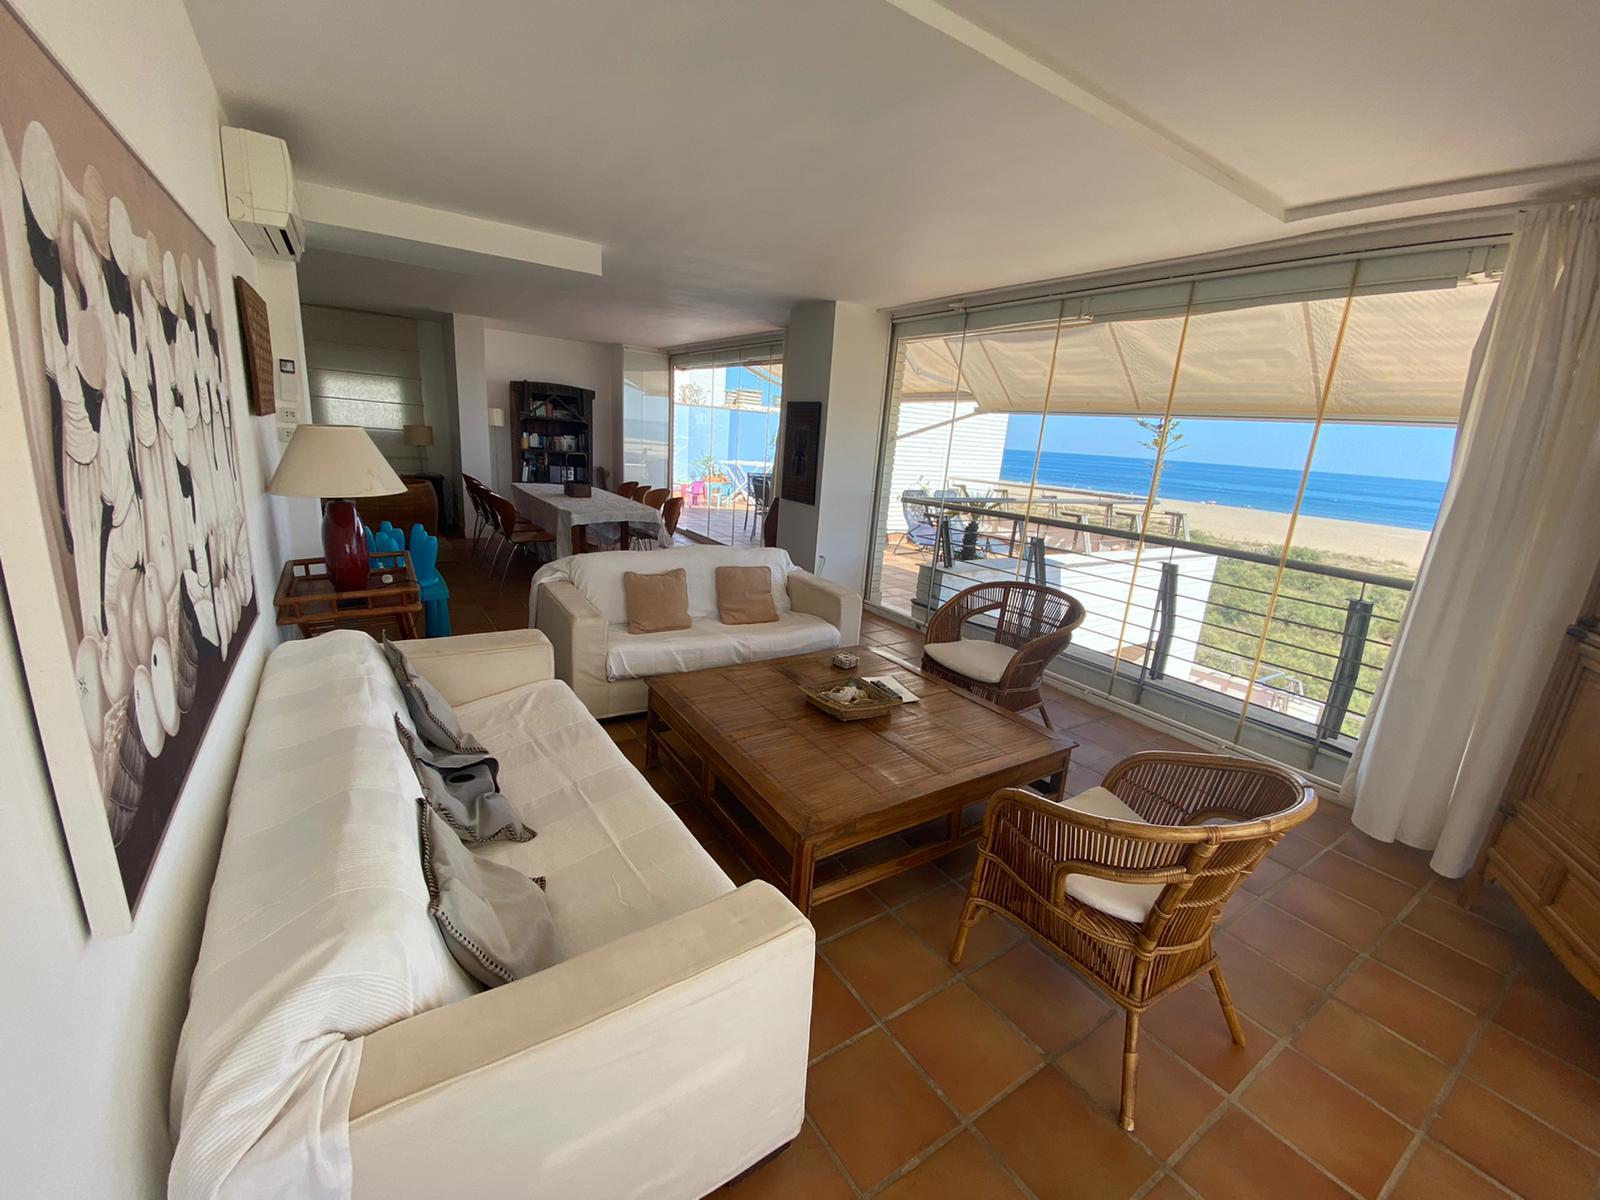 Imagen 1 del Apartamento Turístico, Ático 3 Levante, Frontal (4d+2b), Punta del Moral (HUELVA), Paseo de la Cruz nº22